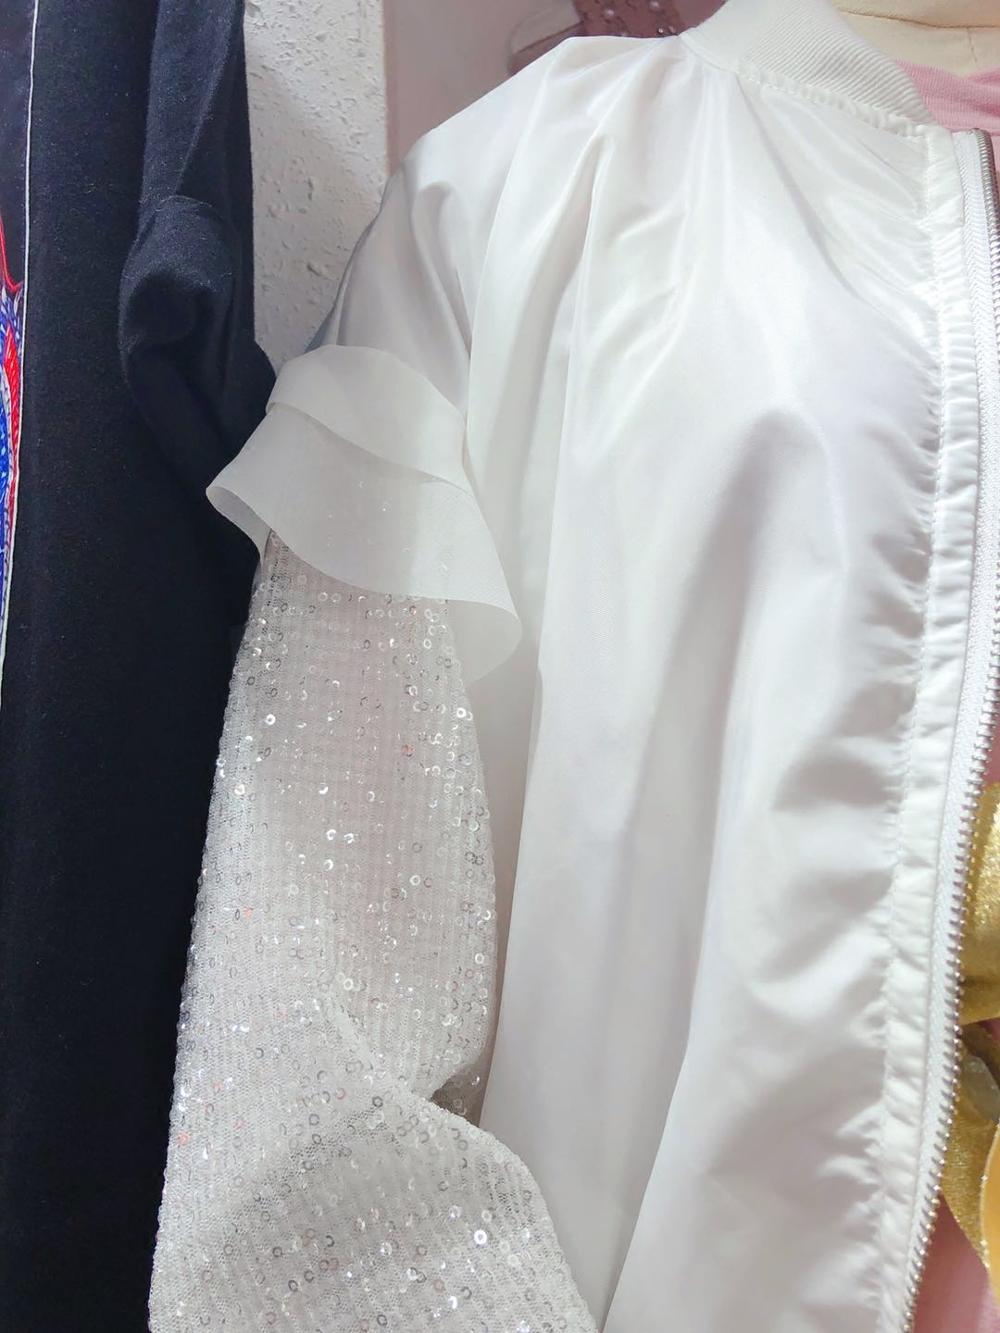 Courte Nouveau De 2018 Ide Lâche Paillettes Mode Femmes Automne Veste Manches gCxvdHvqw